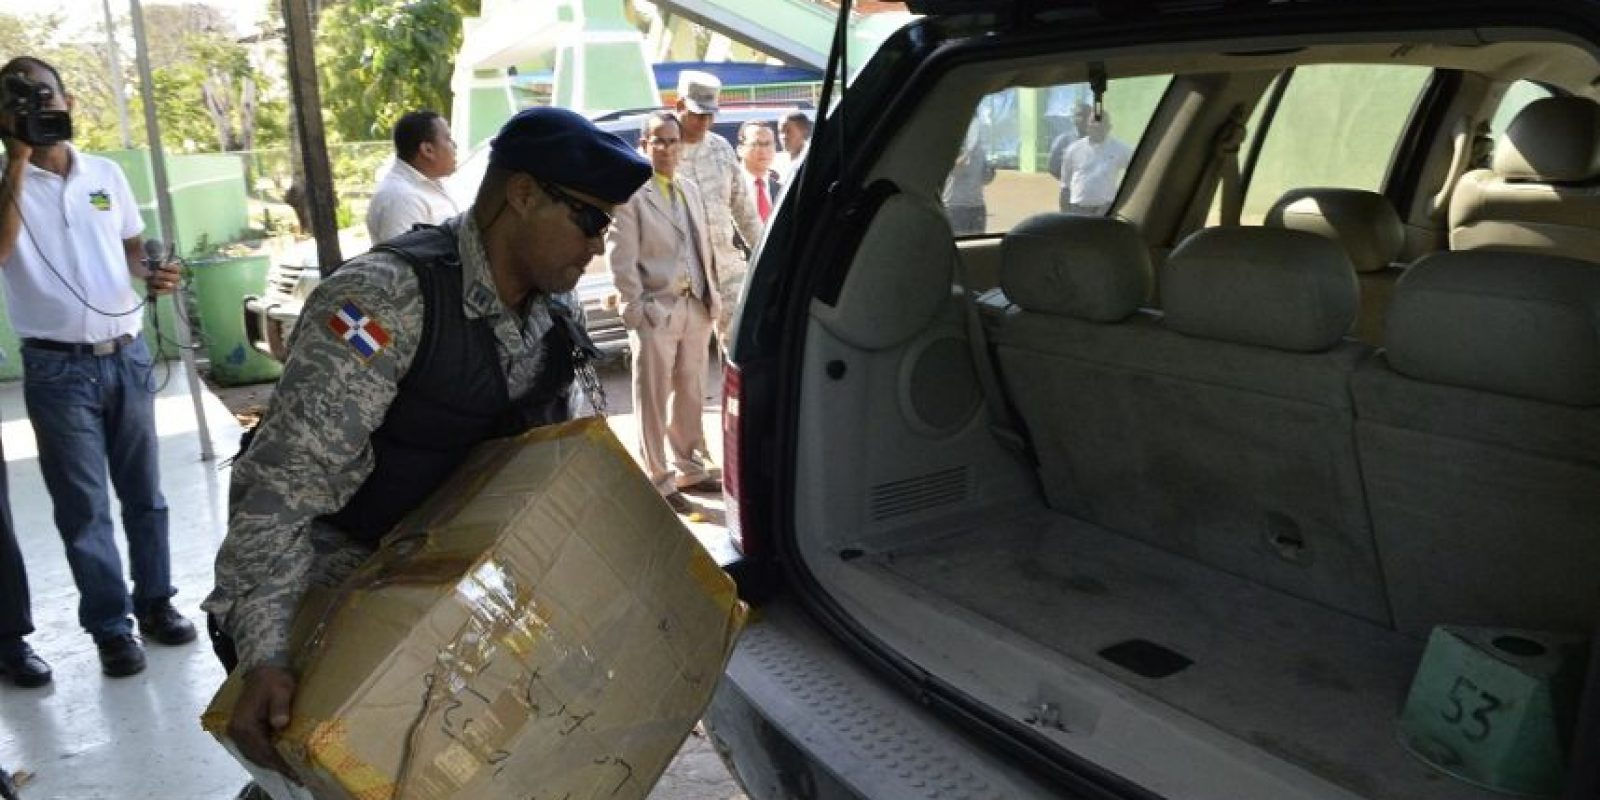 Miembros del Pepca salen de Fedofútbl con una caja aparentemente llena de documentos. Foto:Roberto Guzmán